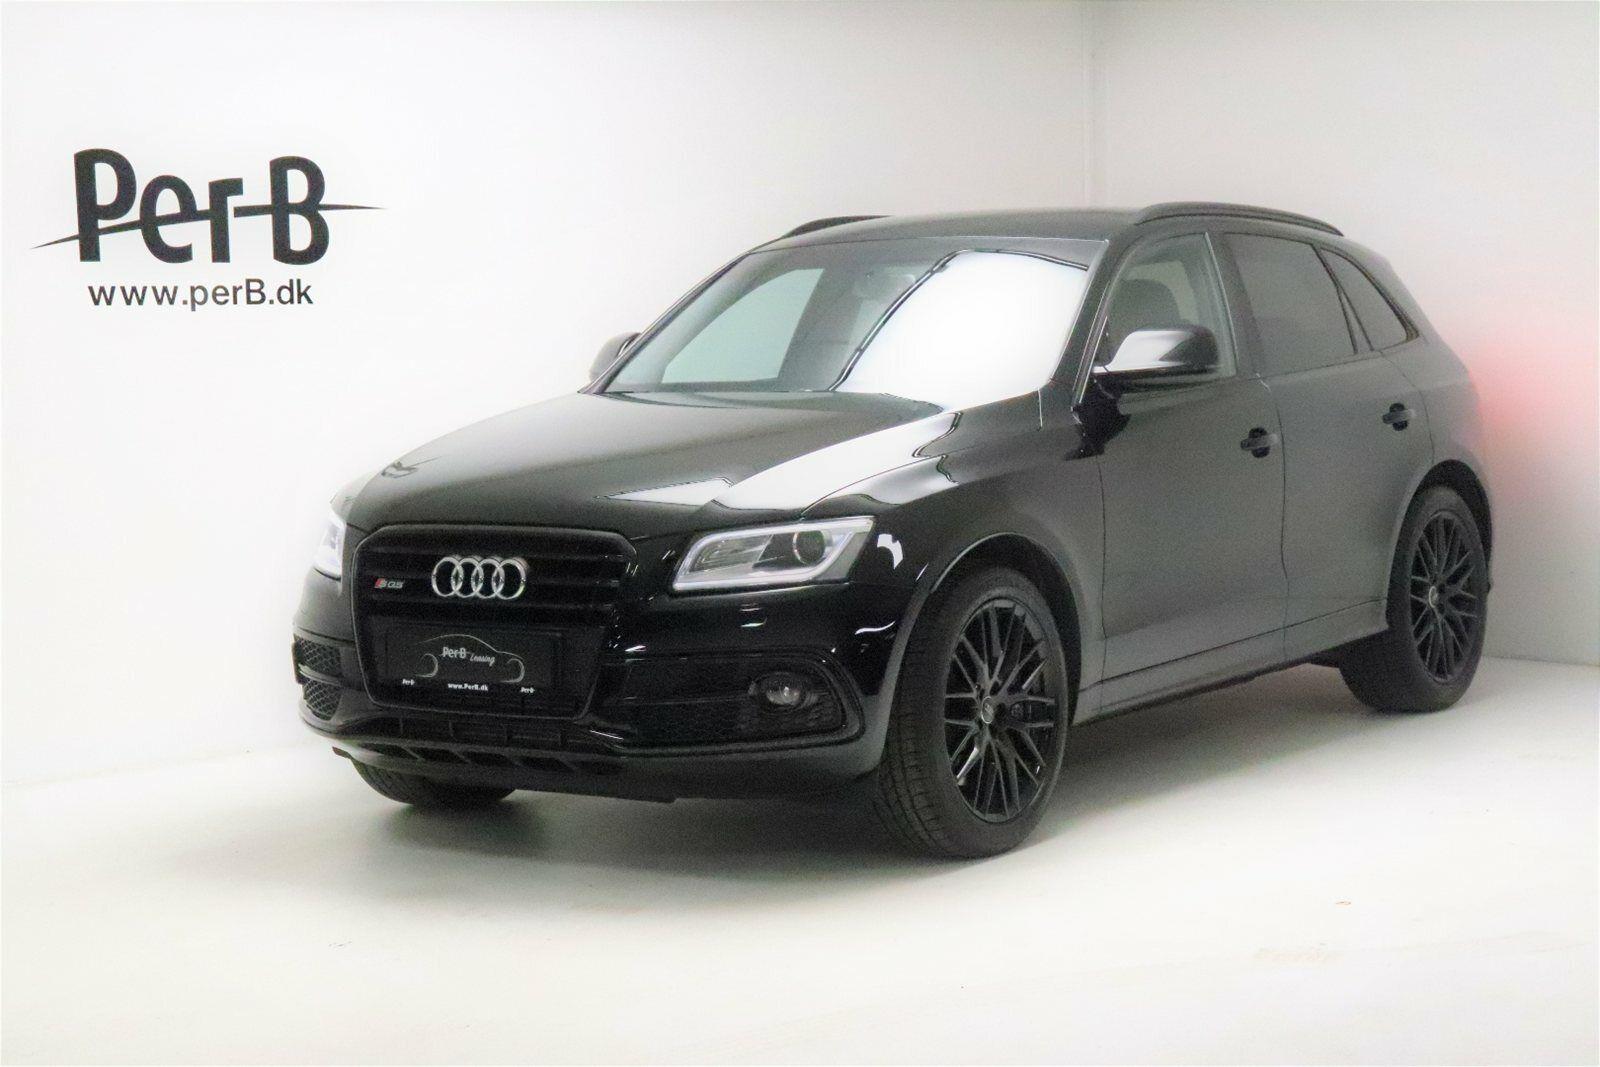 Audi SQ5 3,0 TDi 326 quattro Tiptr. 5d - 749.900 kr.